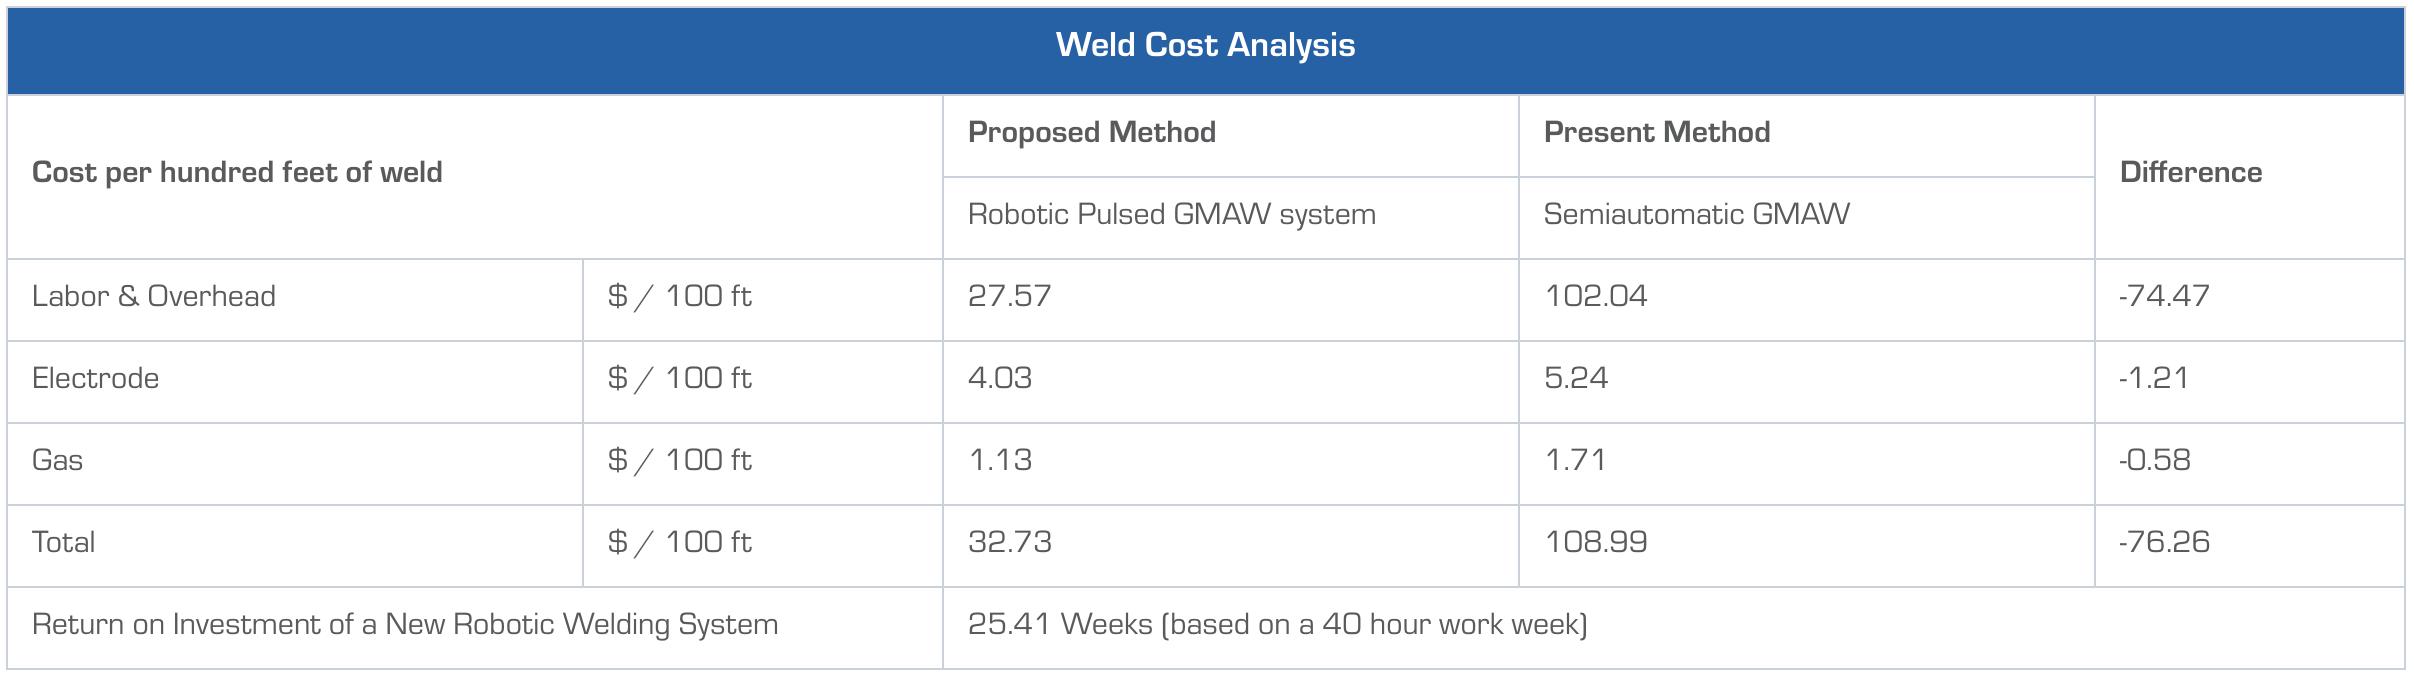 weld-cost-example